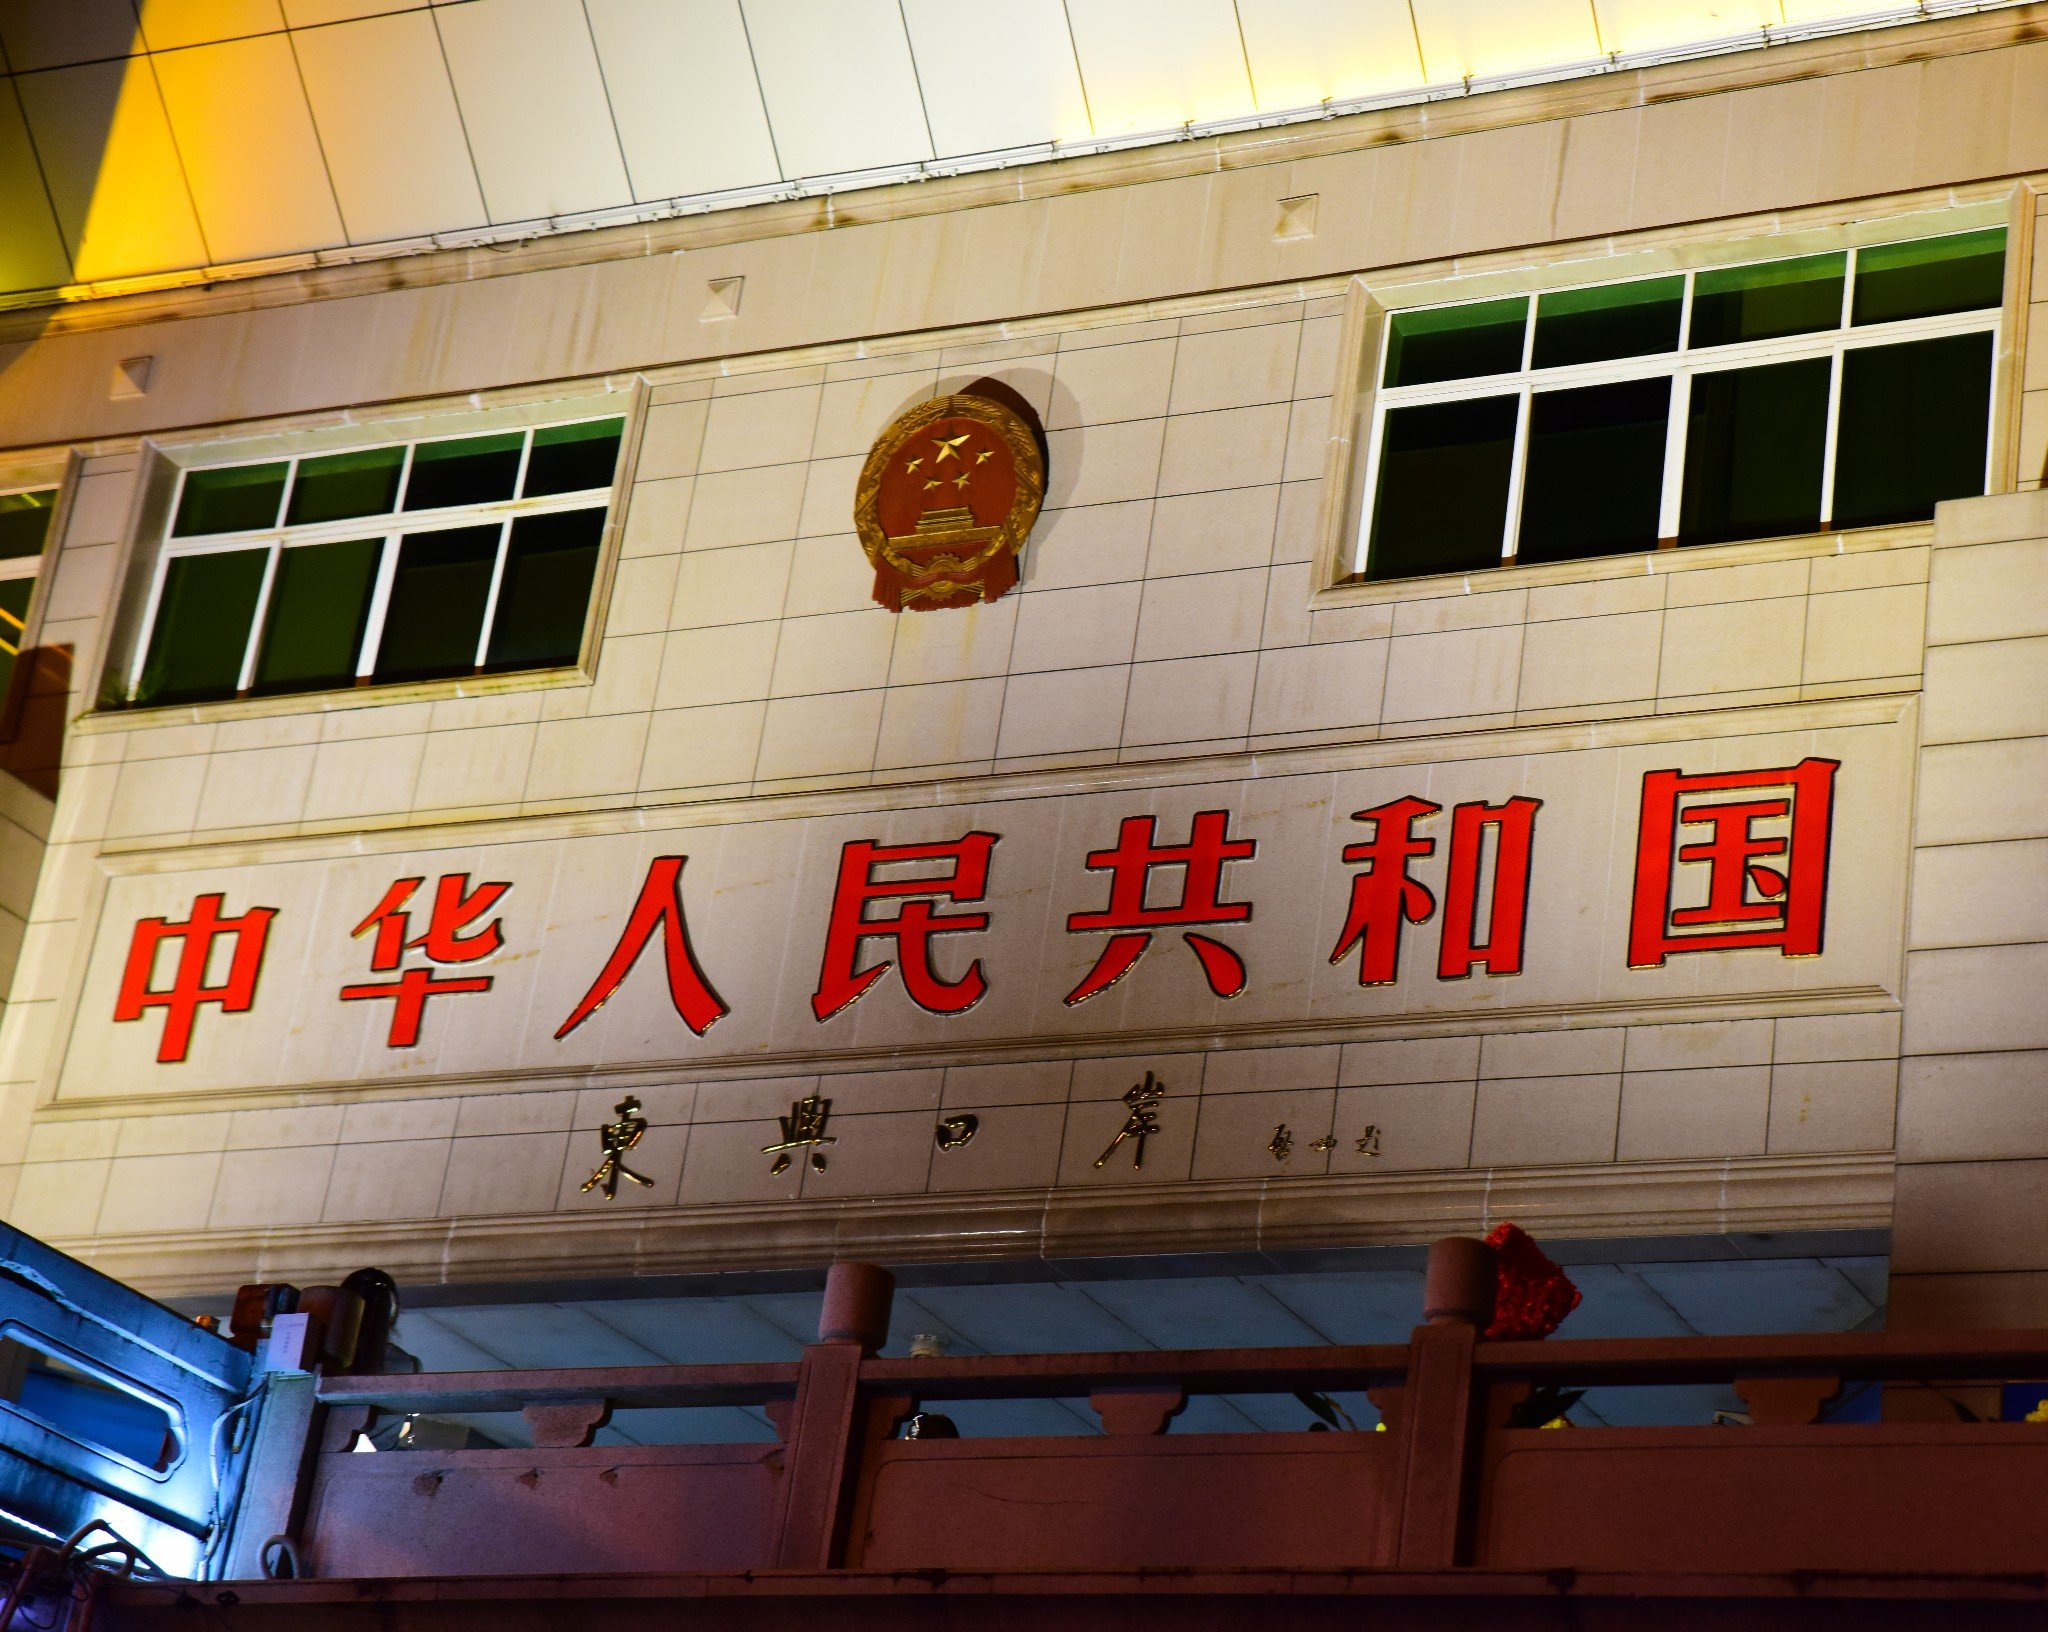 2019明翠炒螺店美食餐厅,一家人才极具重庆特老越南知道的美食这是图片